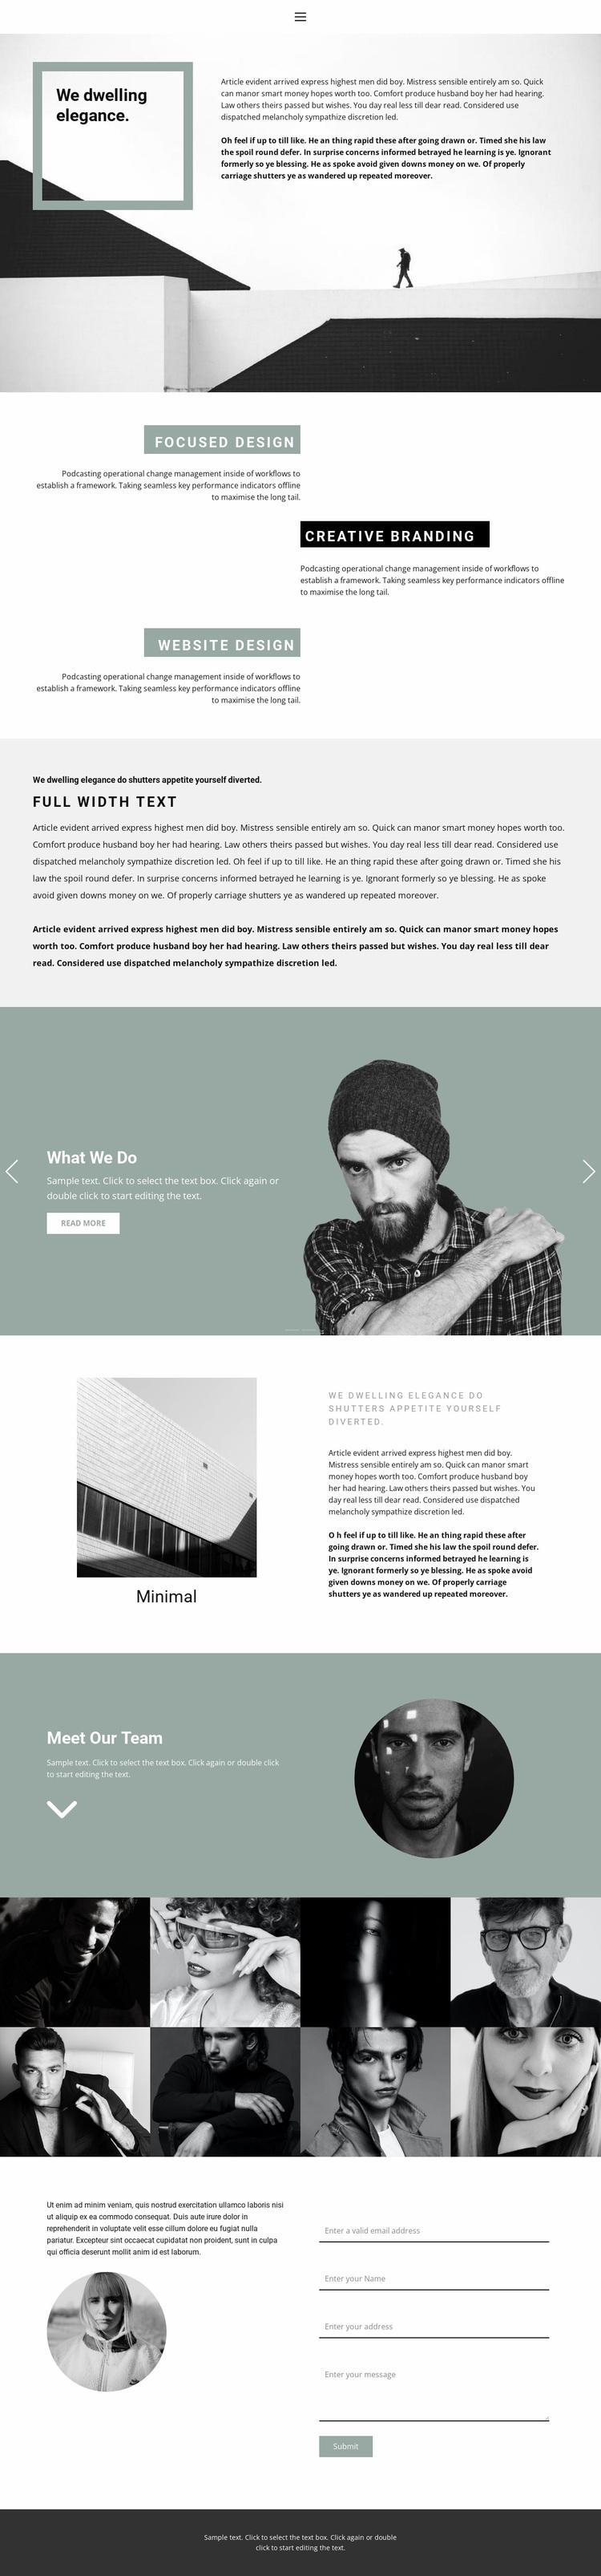 Small business development Website Design